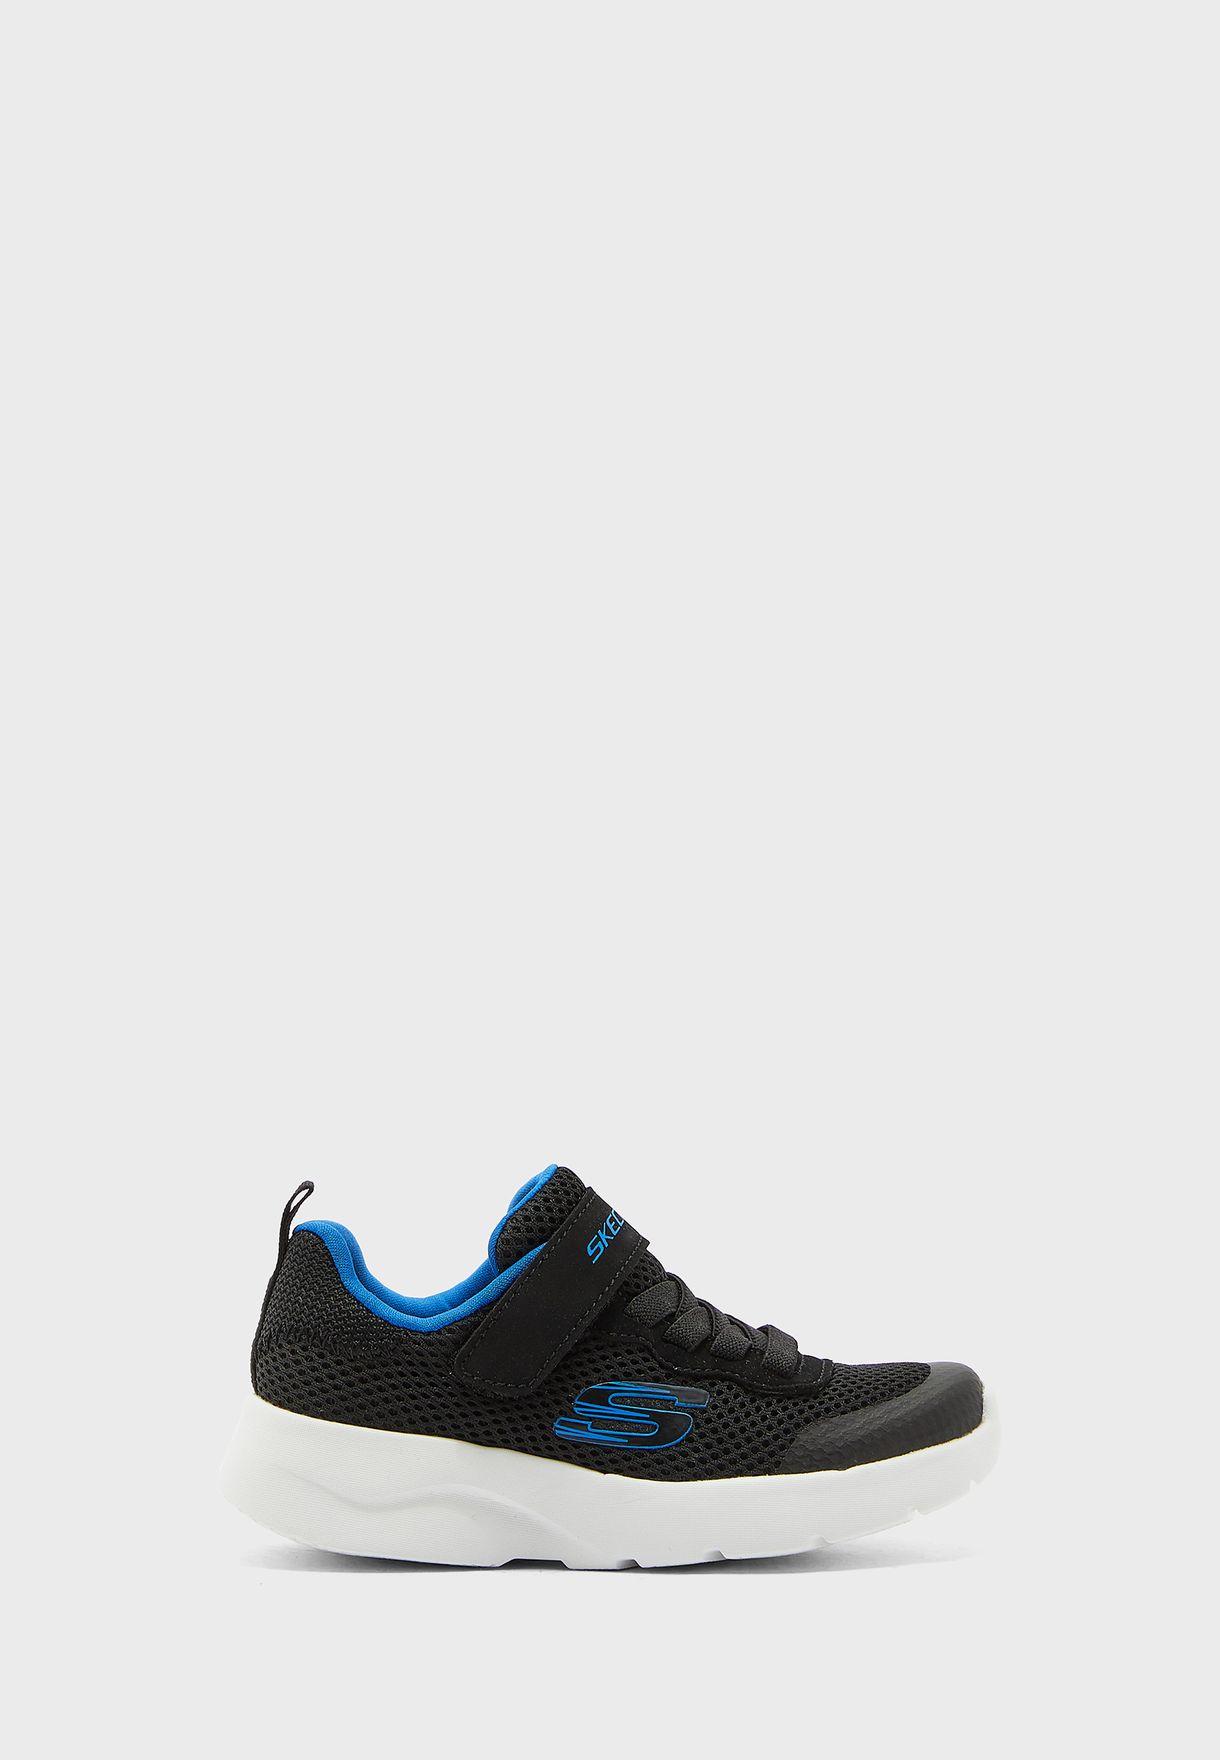 حذاء ديناميت 2.0 - فورديكس